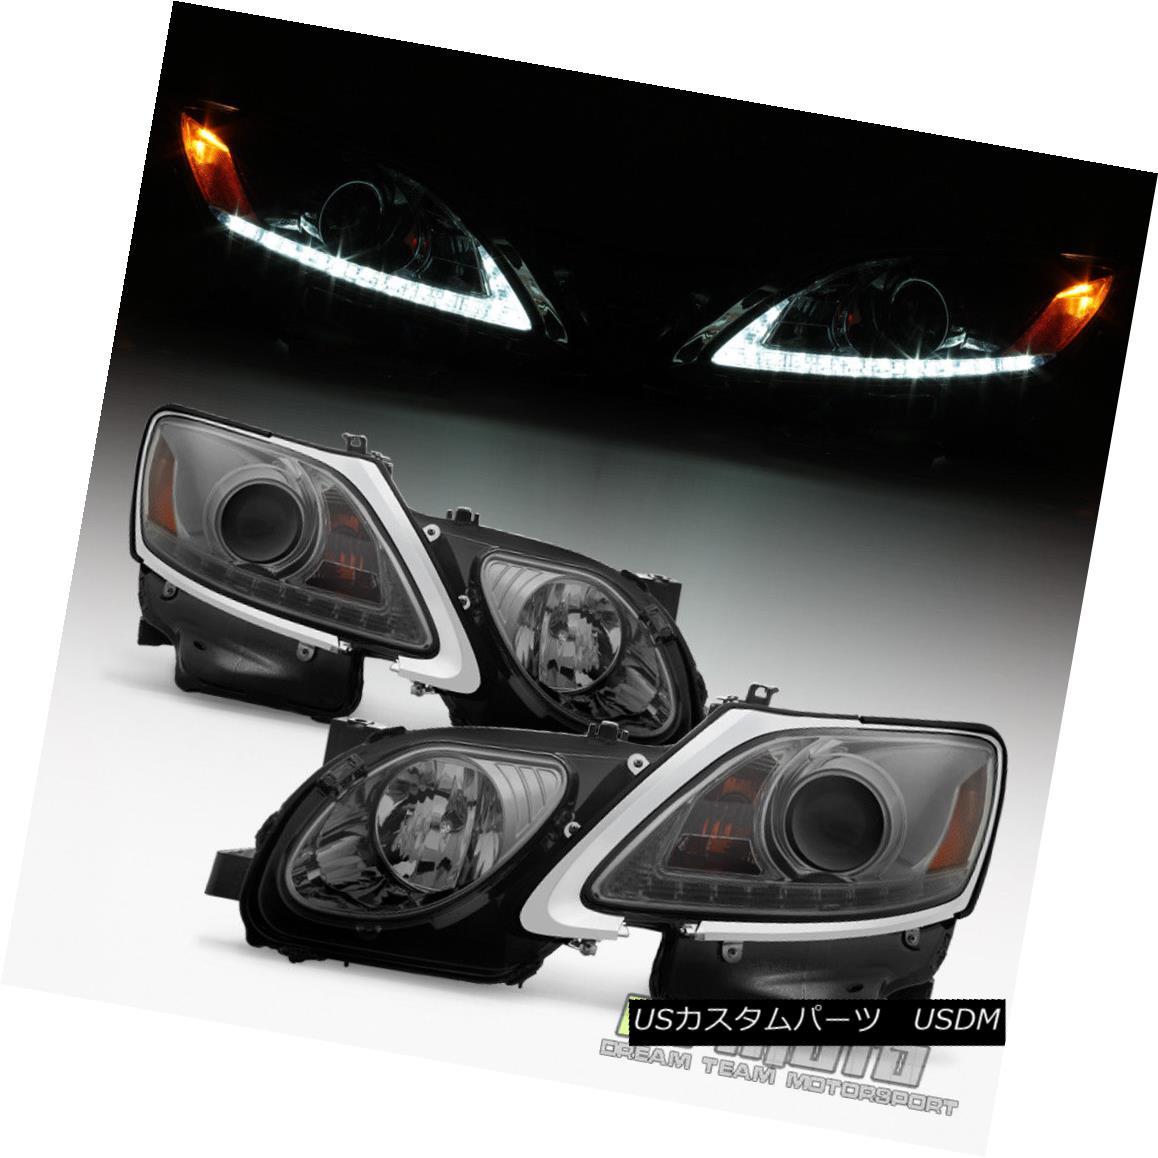 ヘッドライト 2006-2011 Lexus GS300 GS350 GS430 HID Xenon Bright LED DRL Projector Headlights 2006-2011 Lexus GS300 GS350 GS430 HIDキセノンブライトLED DRLプロジェクターヘッドライト